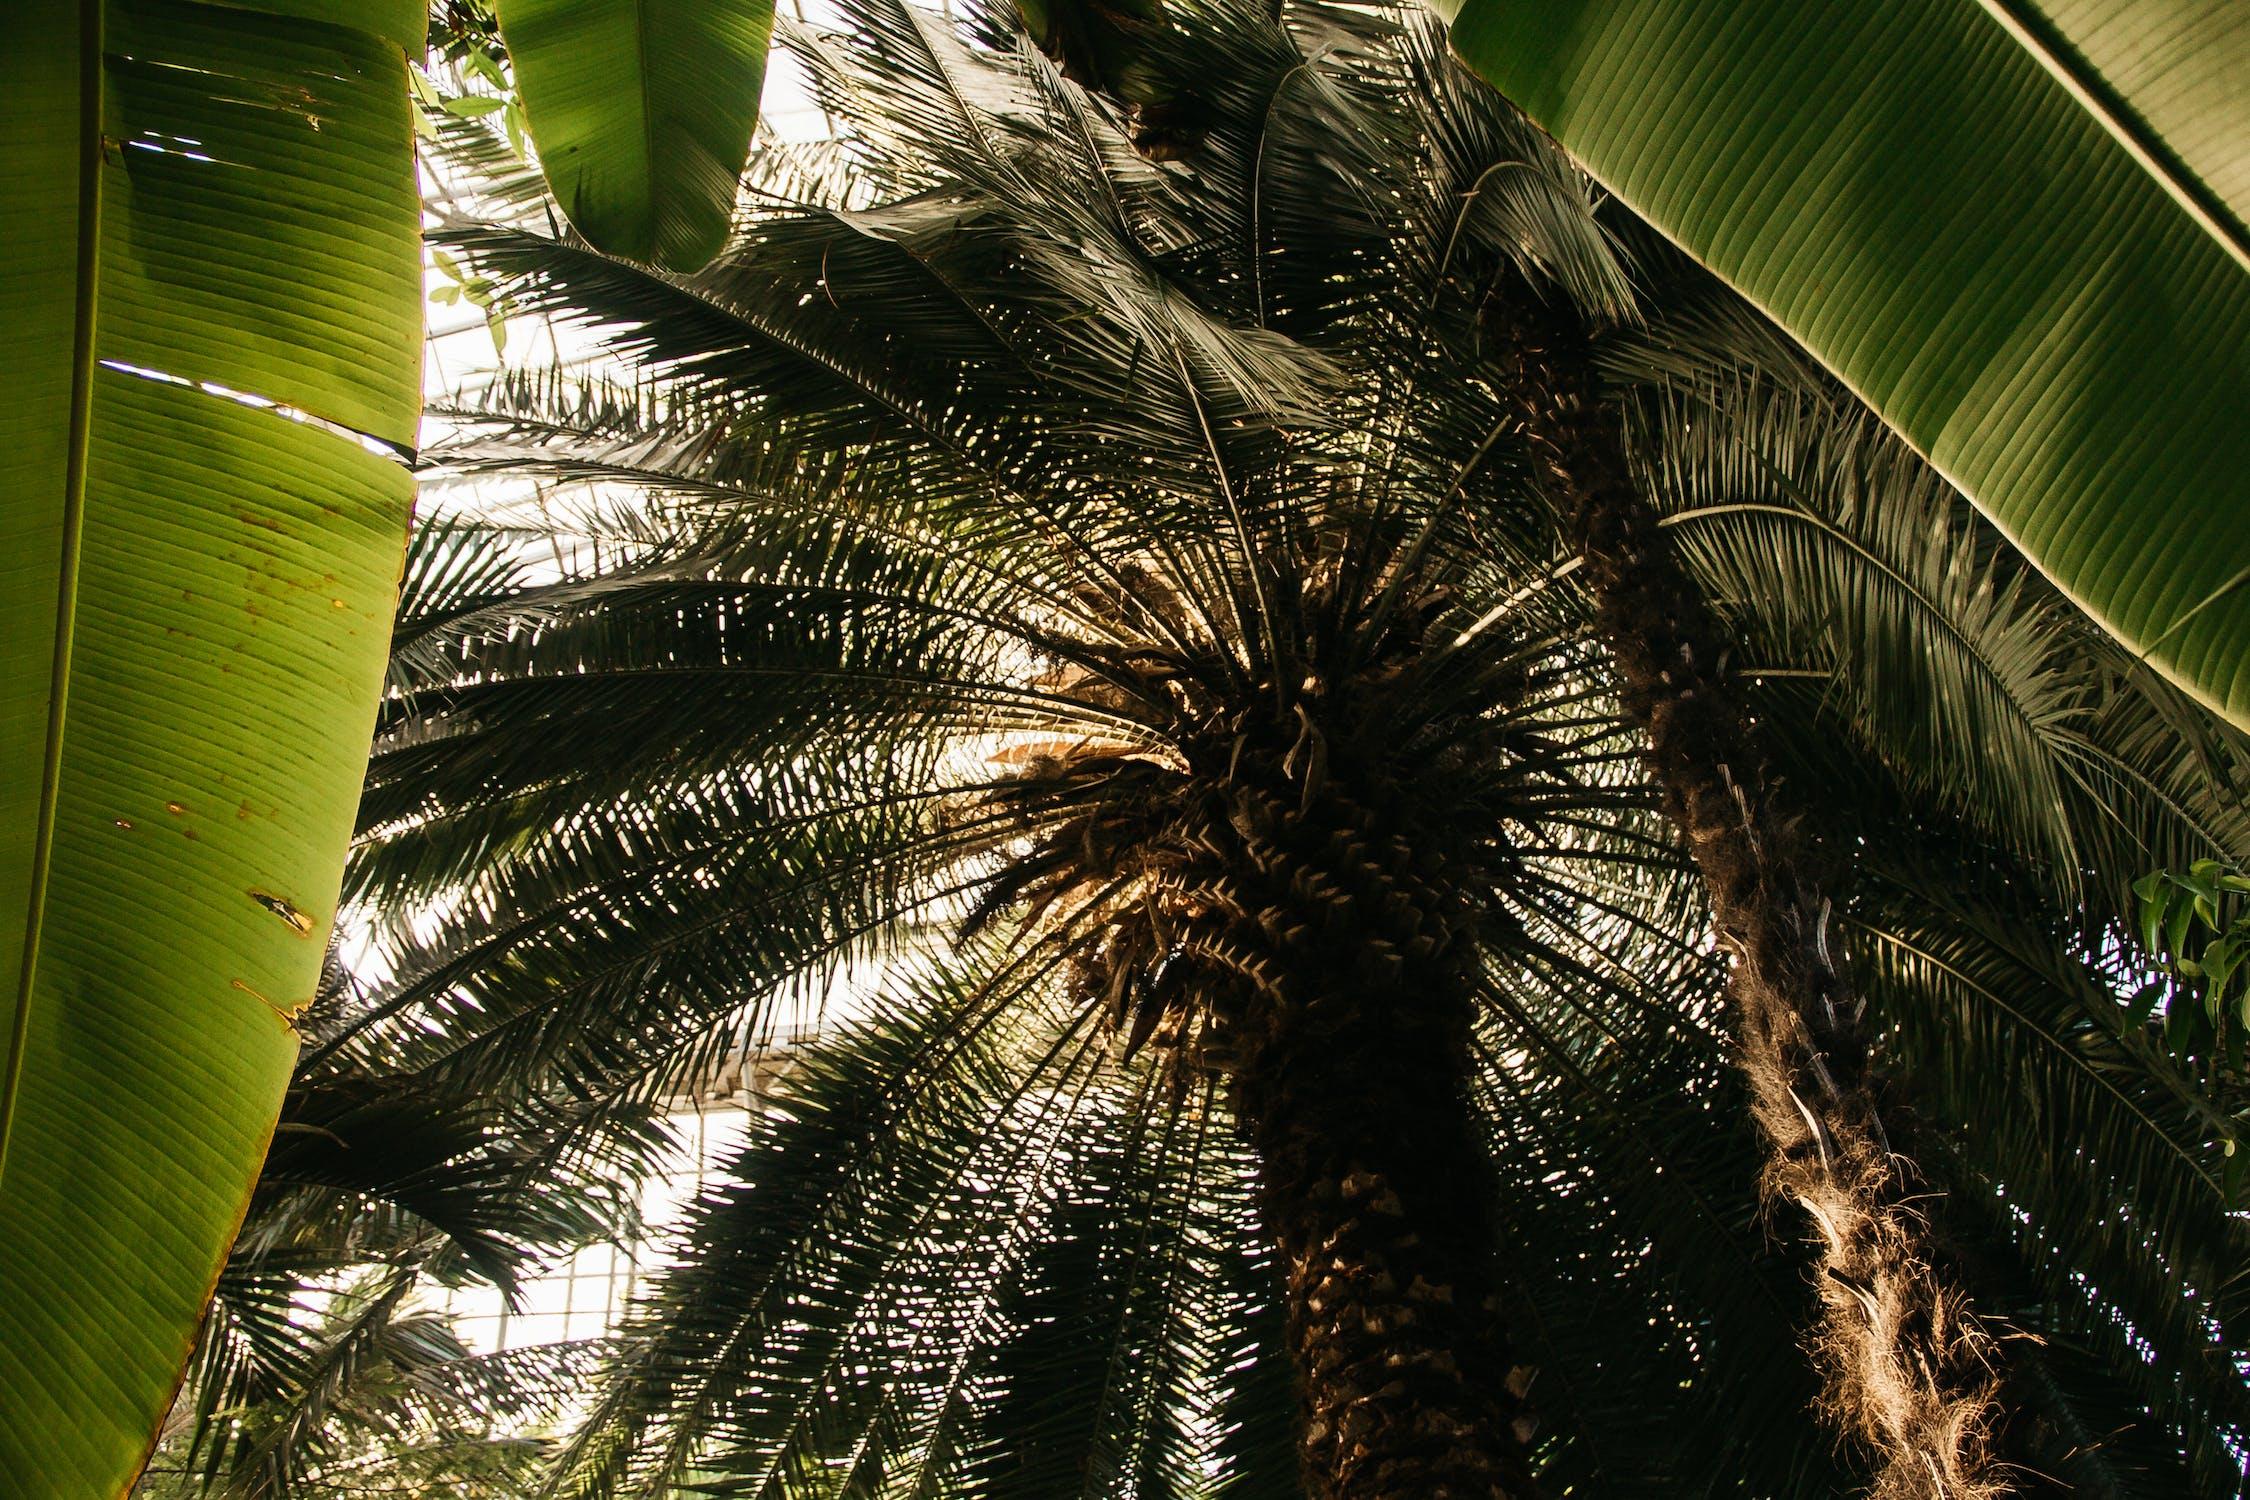 тому времени фото папоротники пальмы осуществления процесса, необходимо